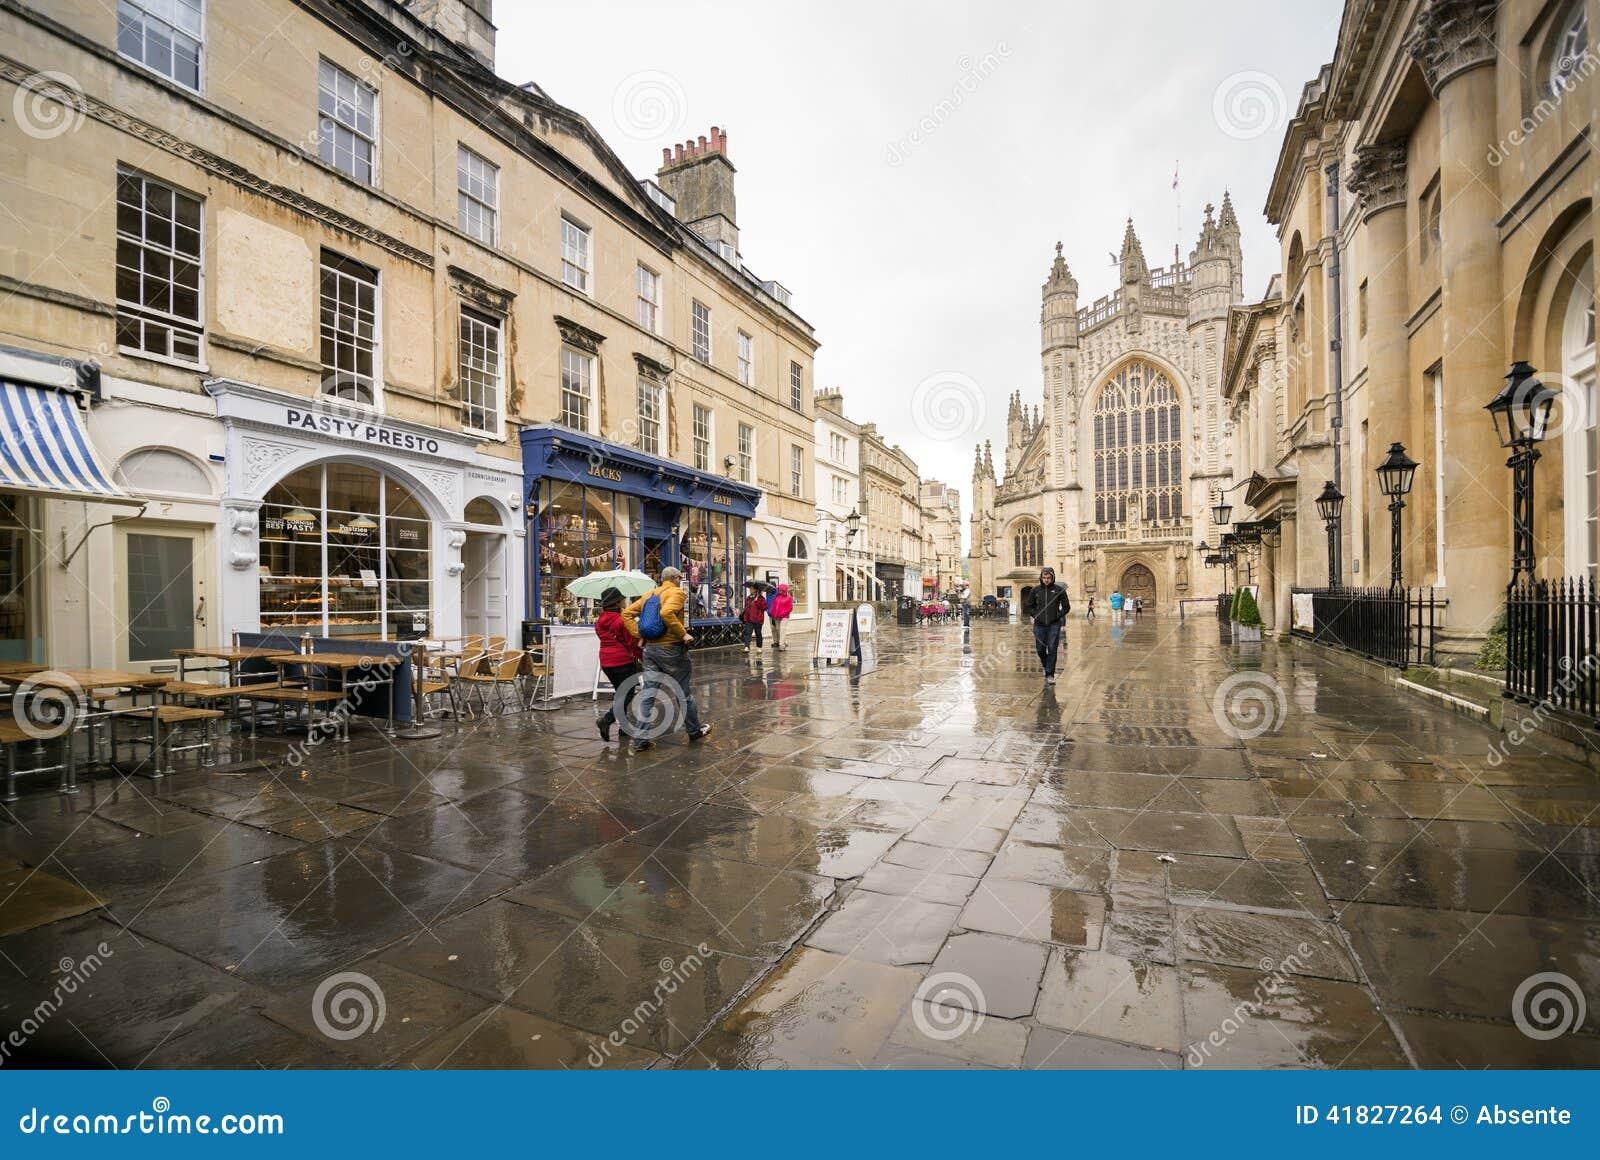 购物街道在巴恩英国